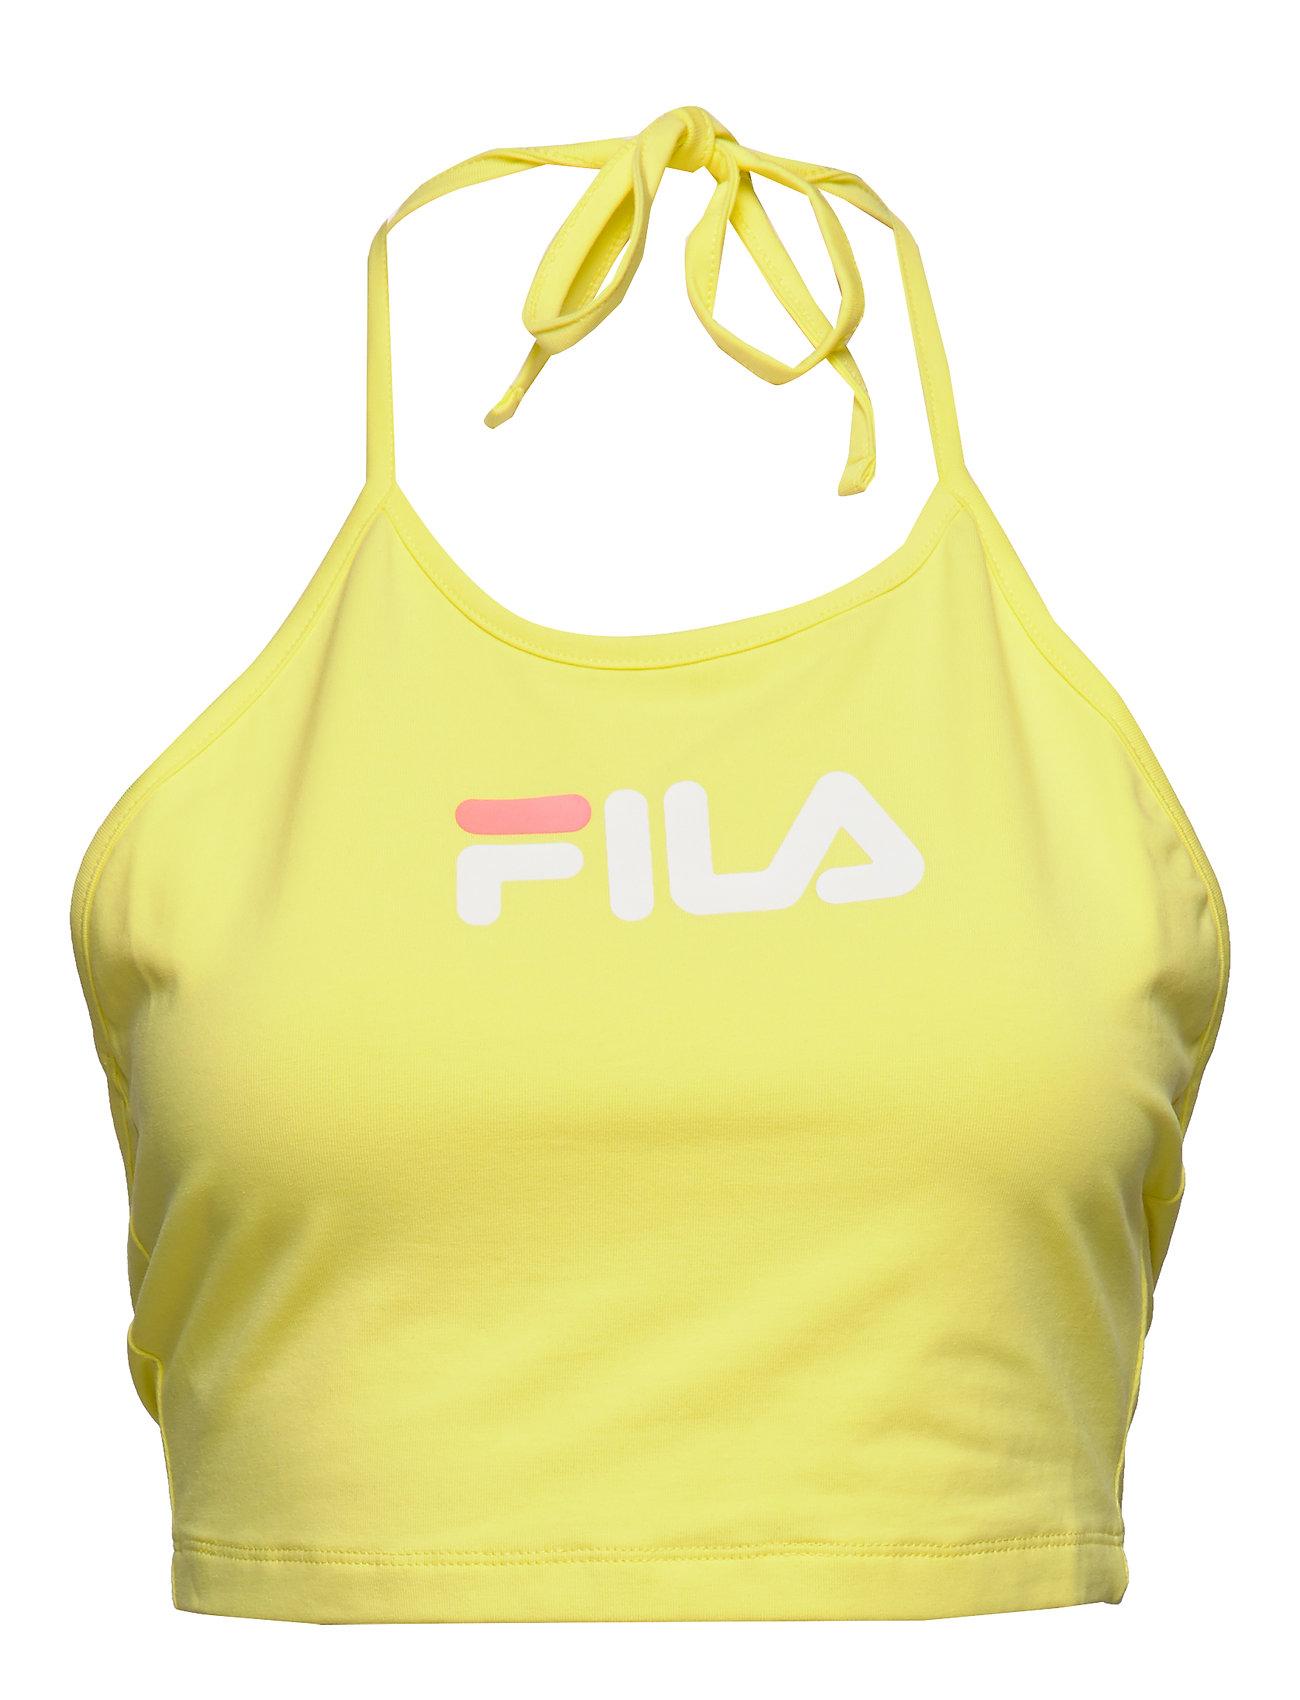 FILA WOMEN BEBE halter neck top - LIMELIGHT